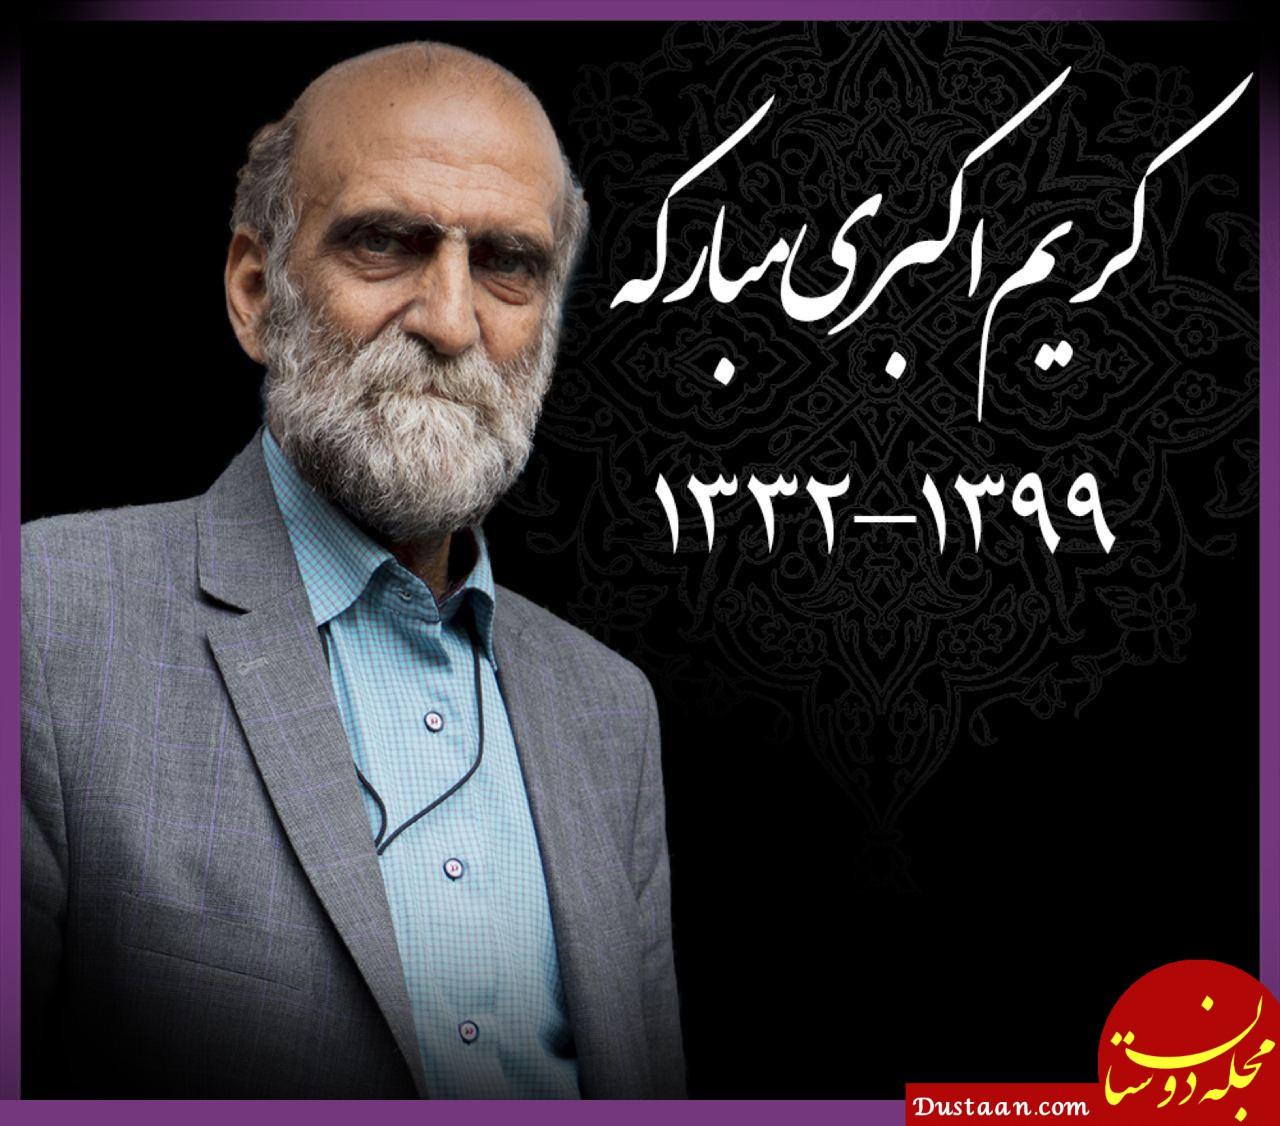 جزئیات درگذشت کریم اکبری مبارکه بازیگر پیشکسوت سینما و تلویزیون